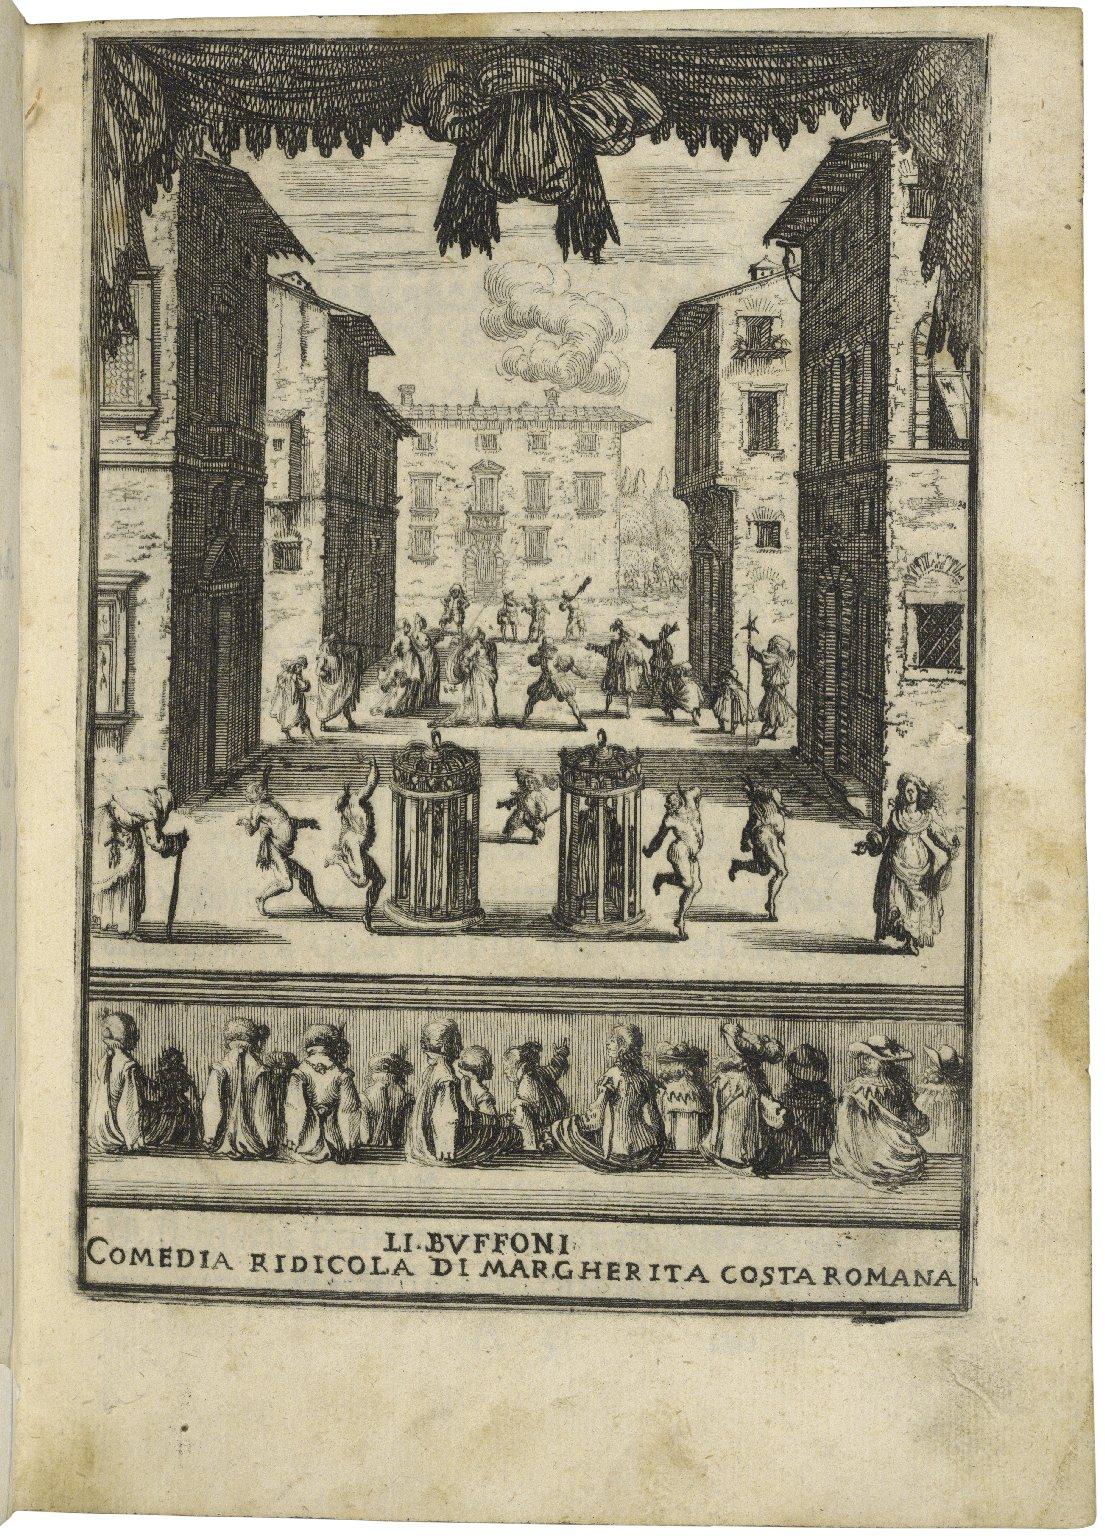 Li buffoni : comedia ridicola / di Margherita Costa Romana, a Berardino Ricci caualiero del piacere dette il Tedeschino.